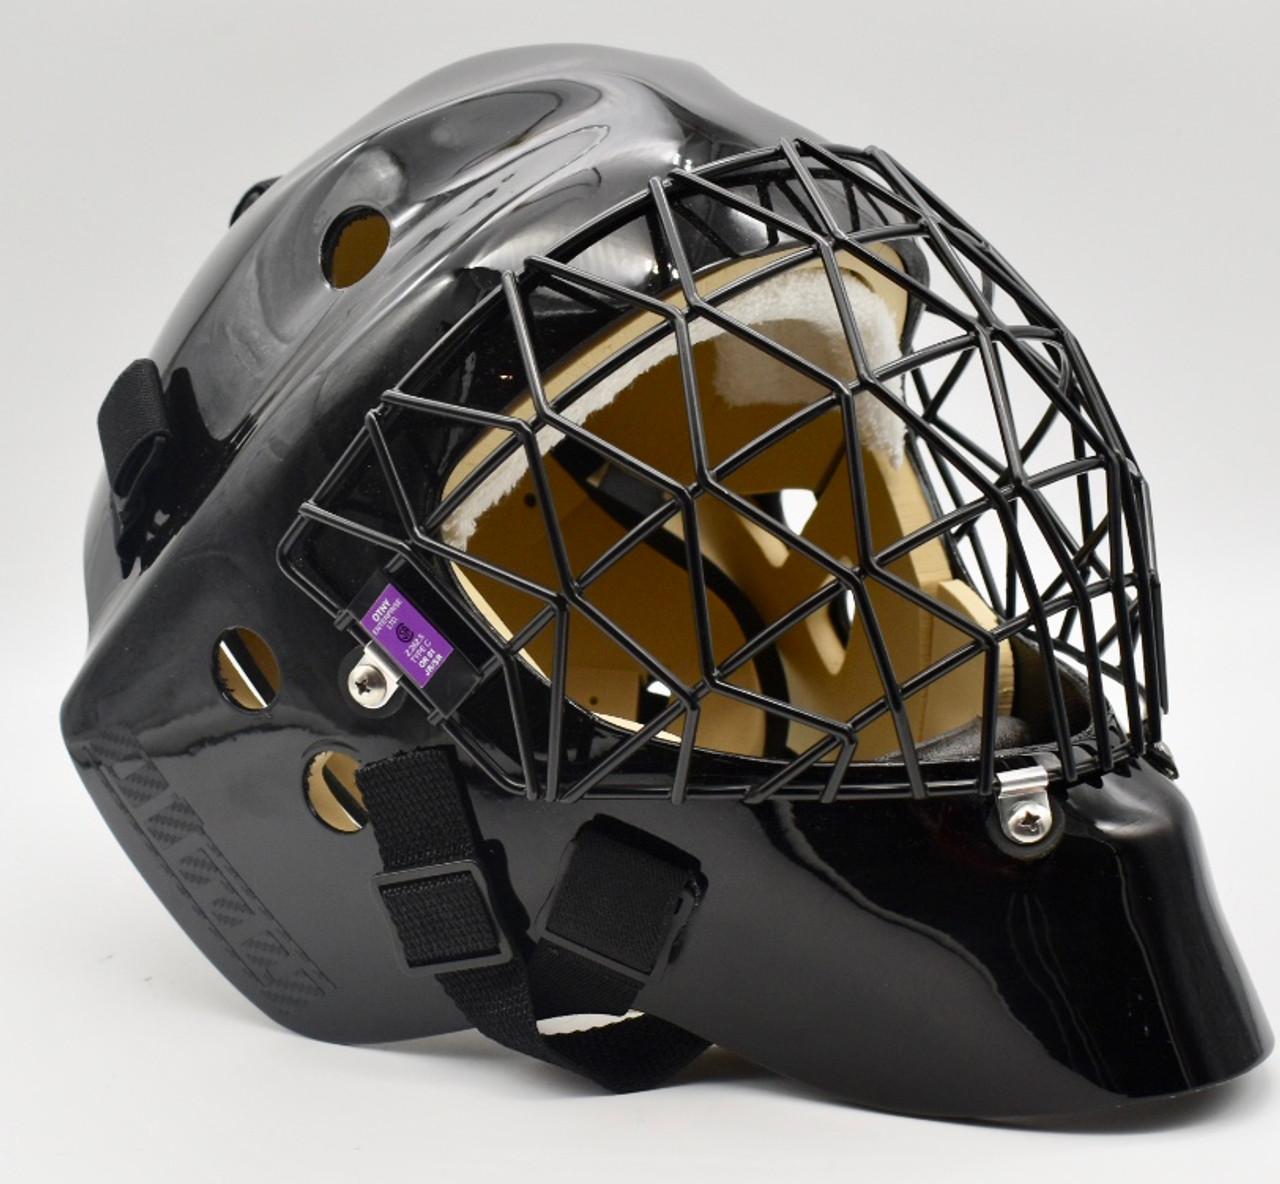 OTNY Ringette CSA Certified Goalie Mask